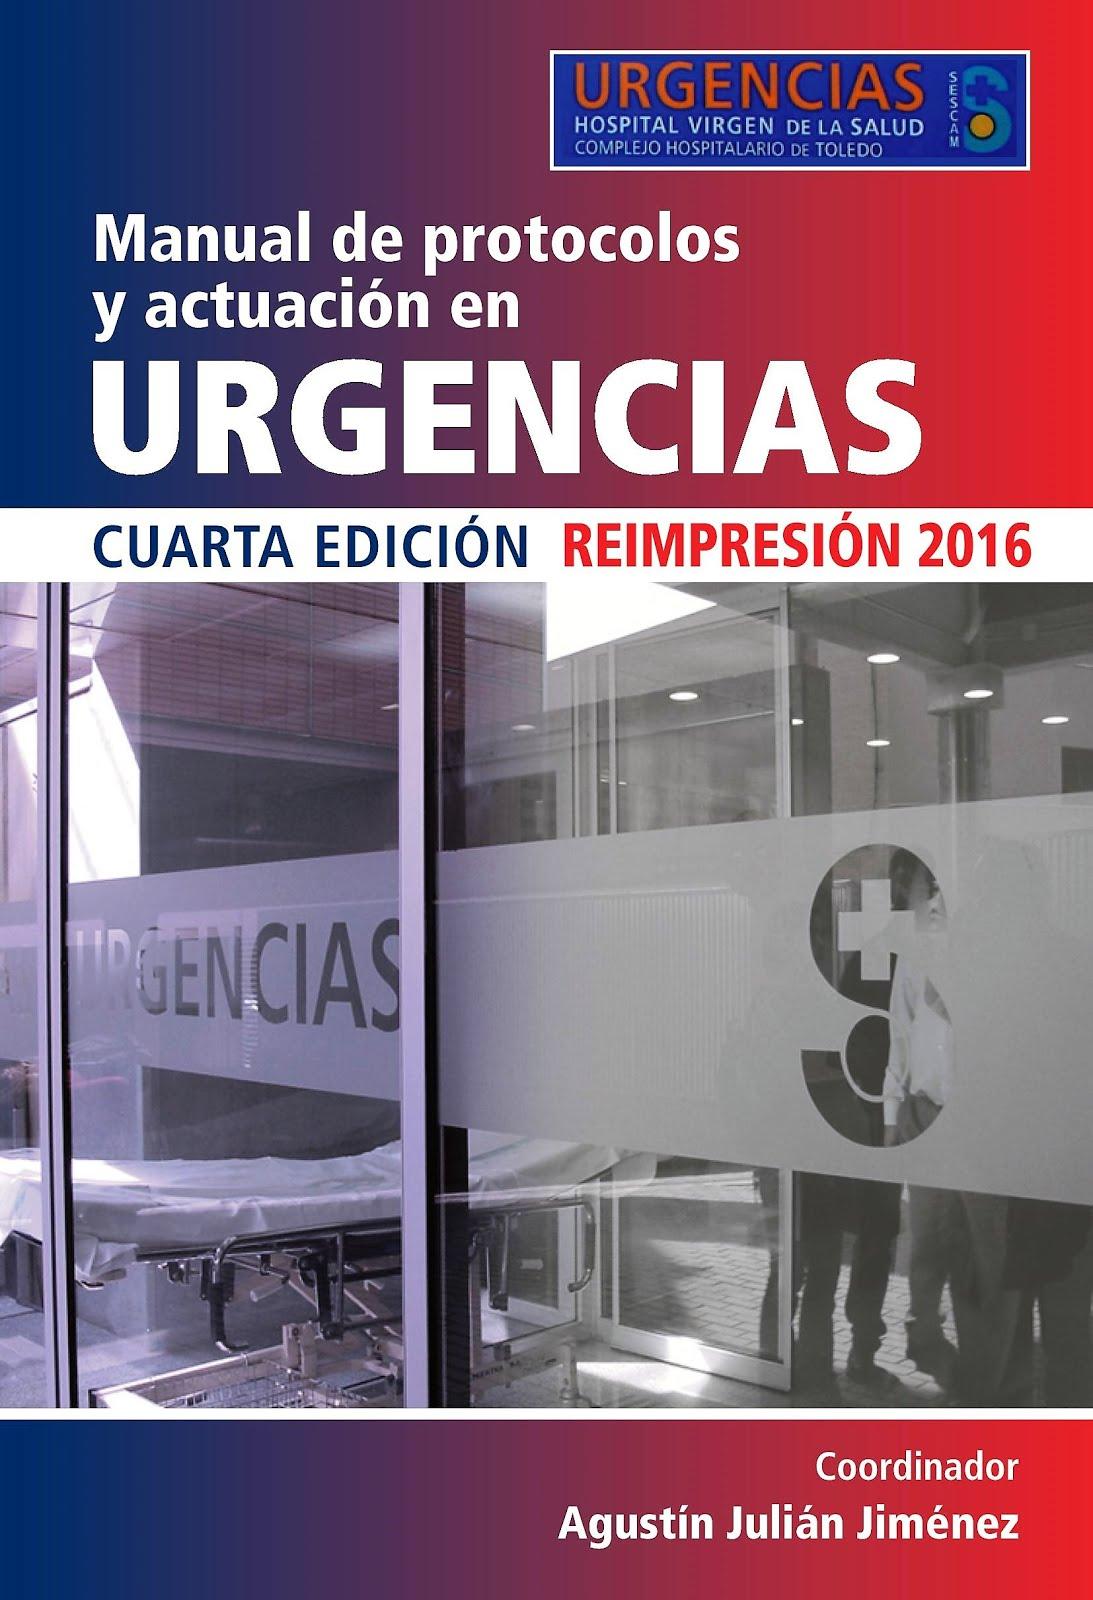 4ª edición del manual de Protocolos y Actuación en Urgencias 2016